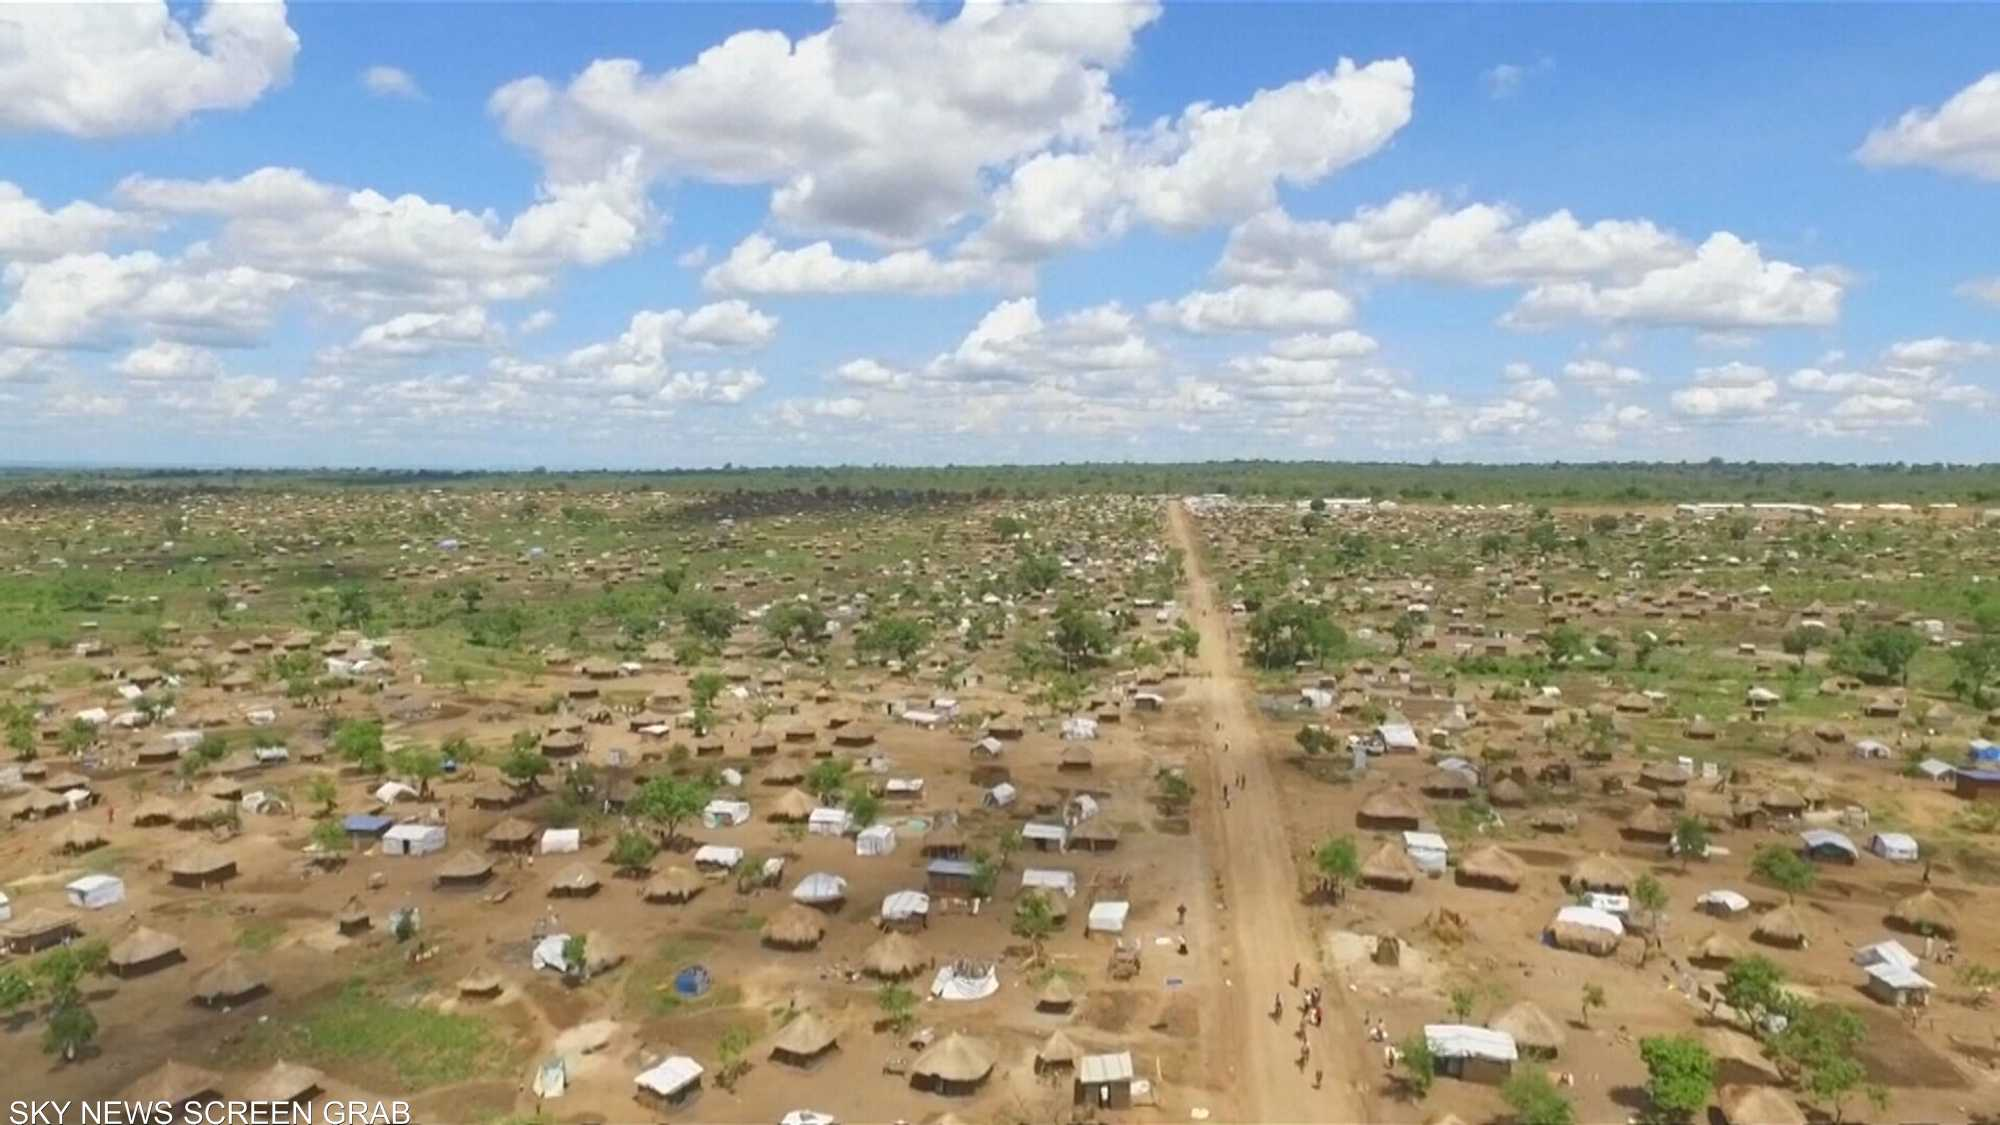 الهجرة والنزوح القسري.. أكبر التحديات الإفريقية